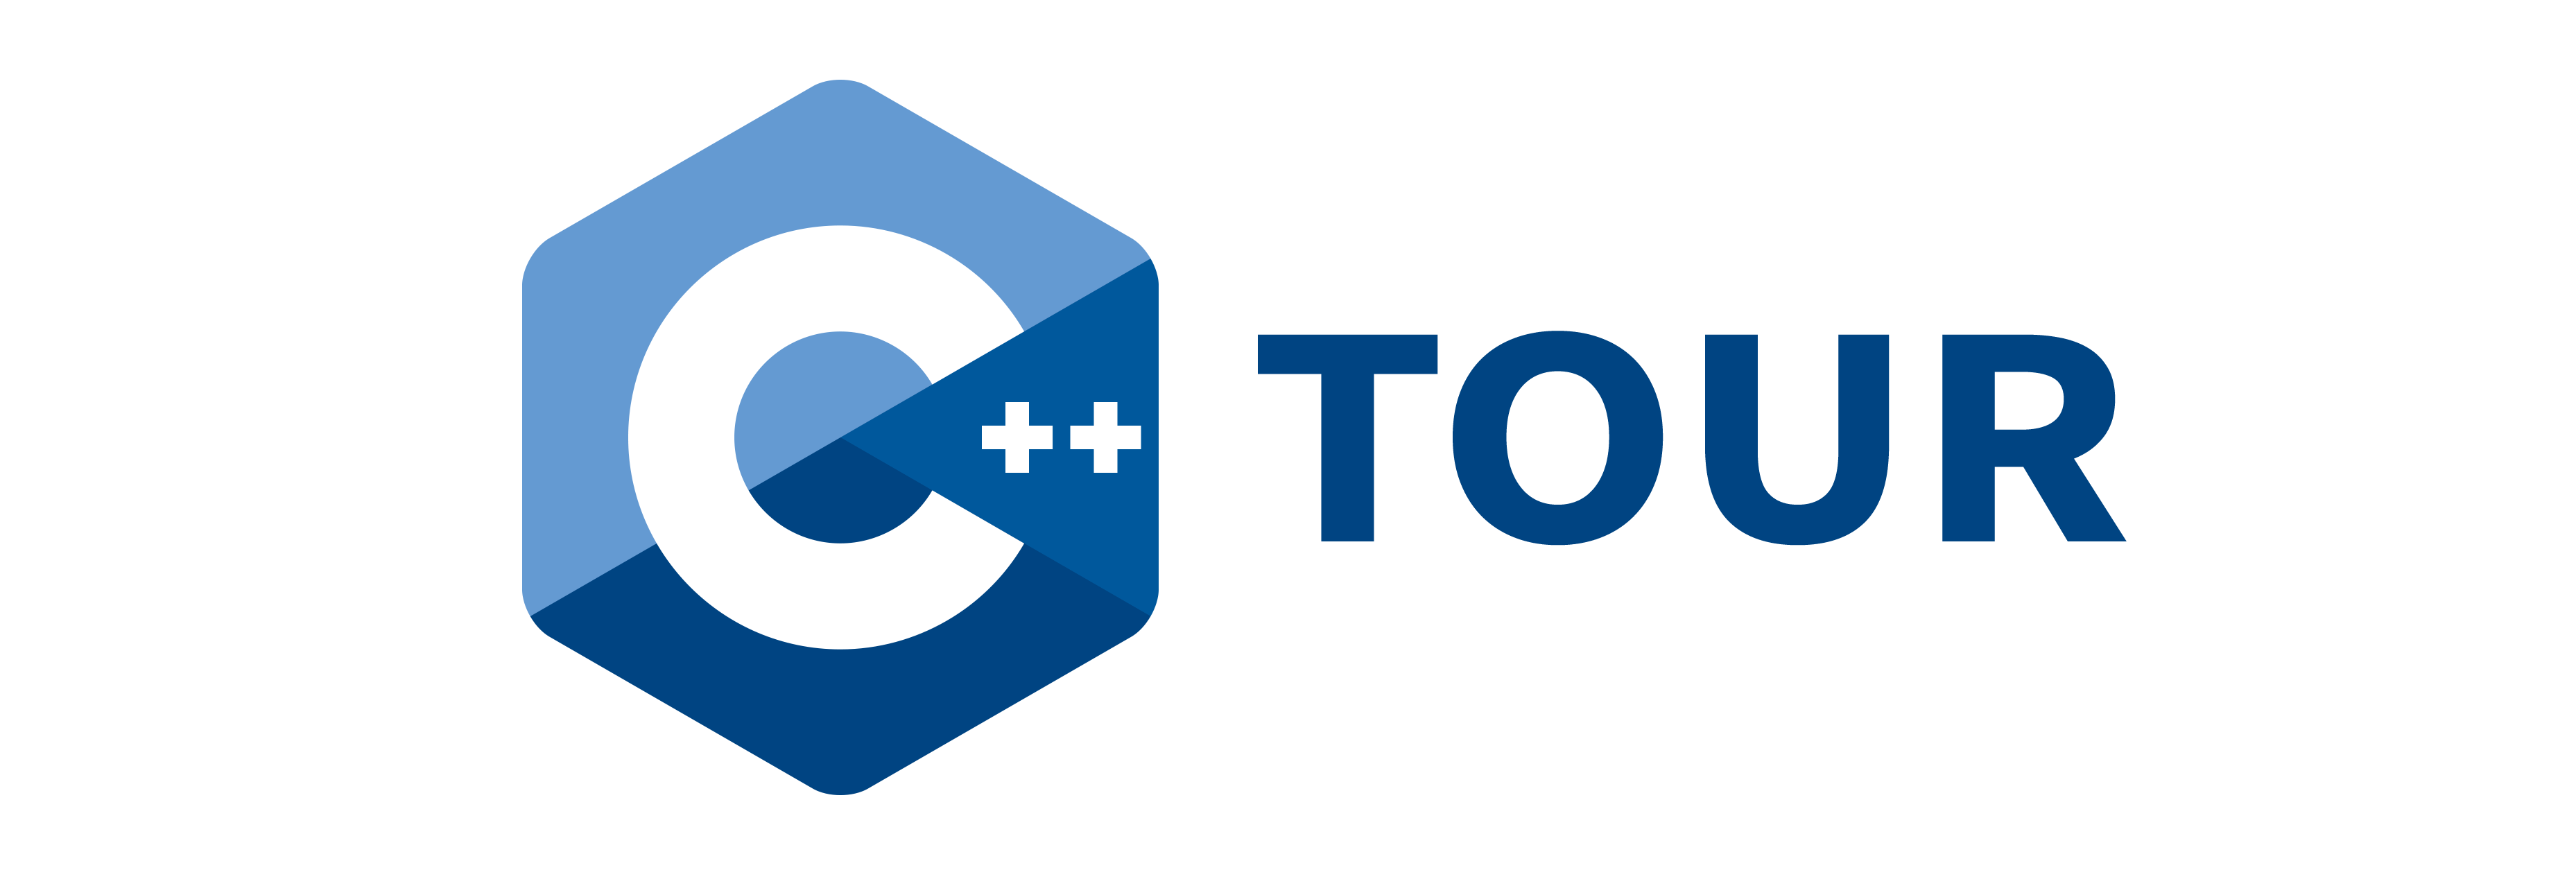 C++ Tour Logo